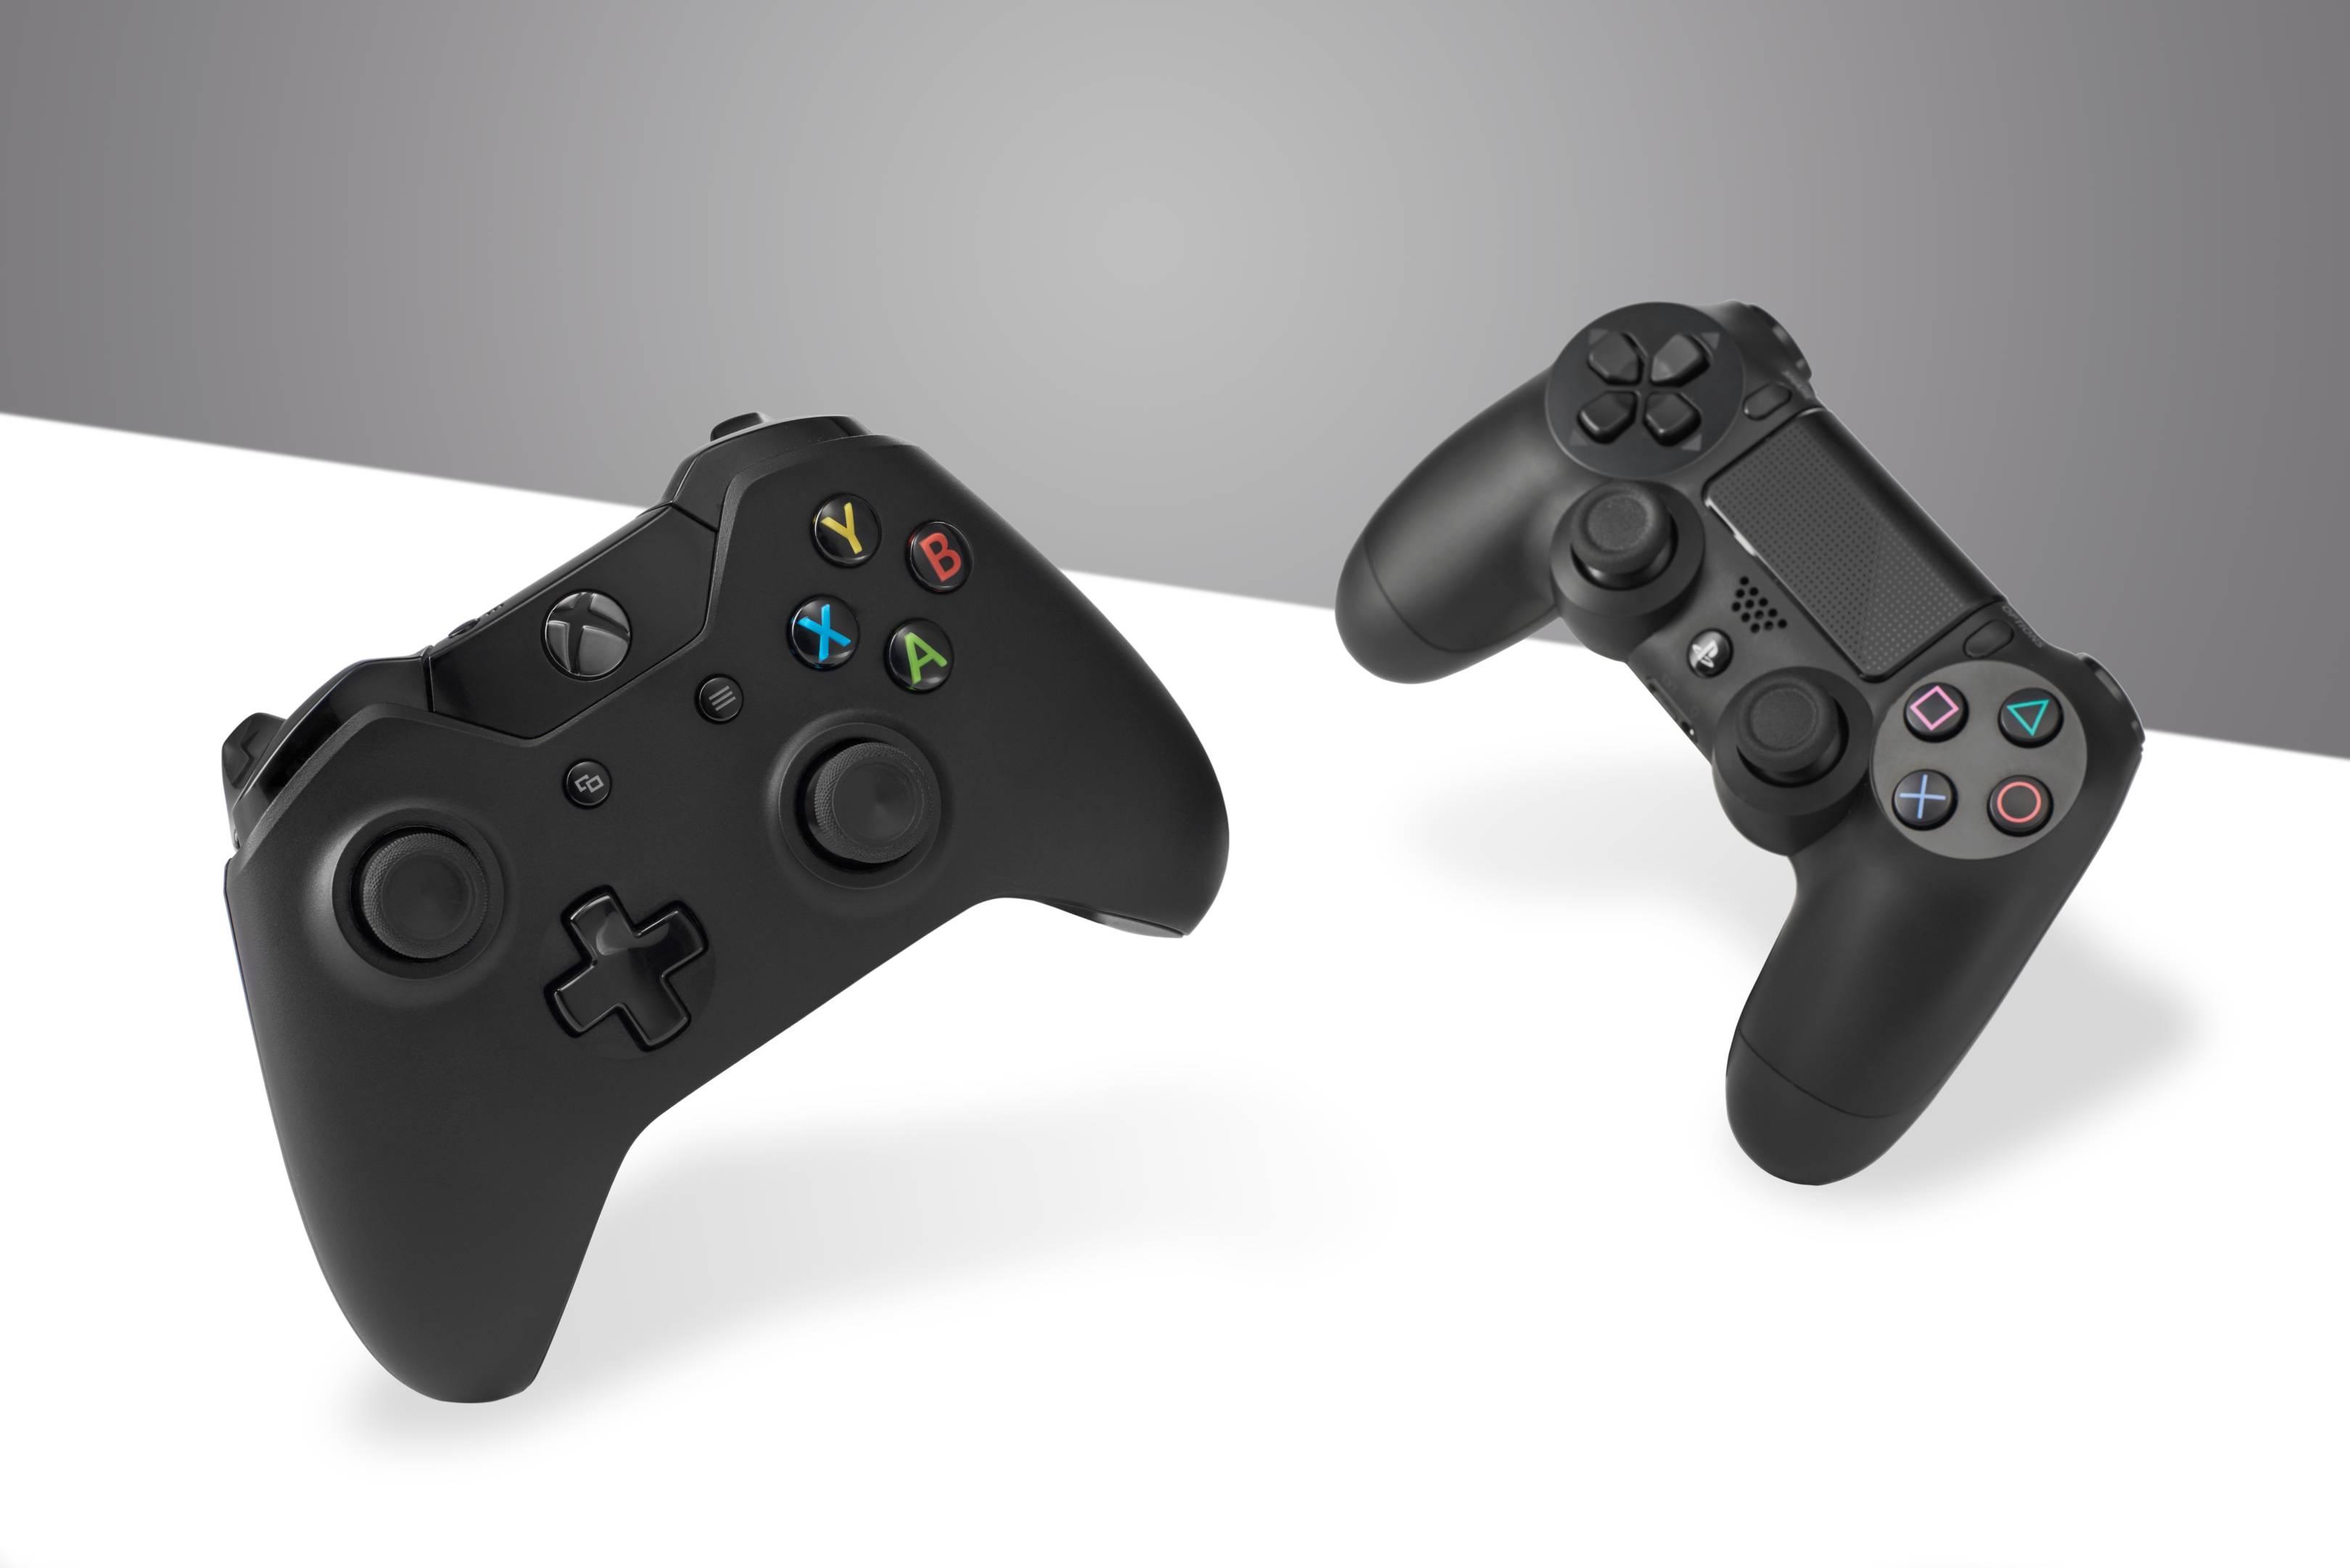 Microsoft xCloud's PS4 controller shock starts a weird console war